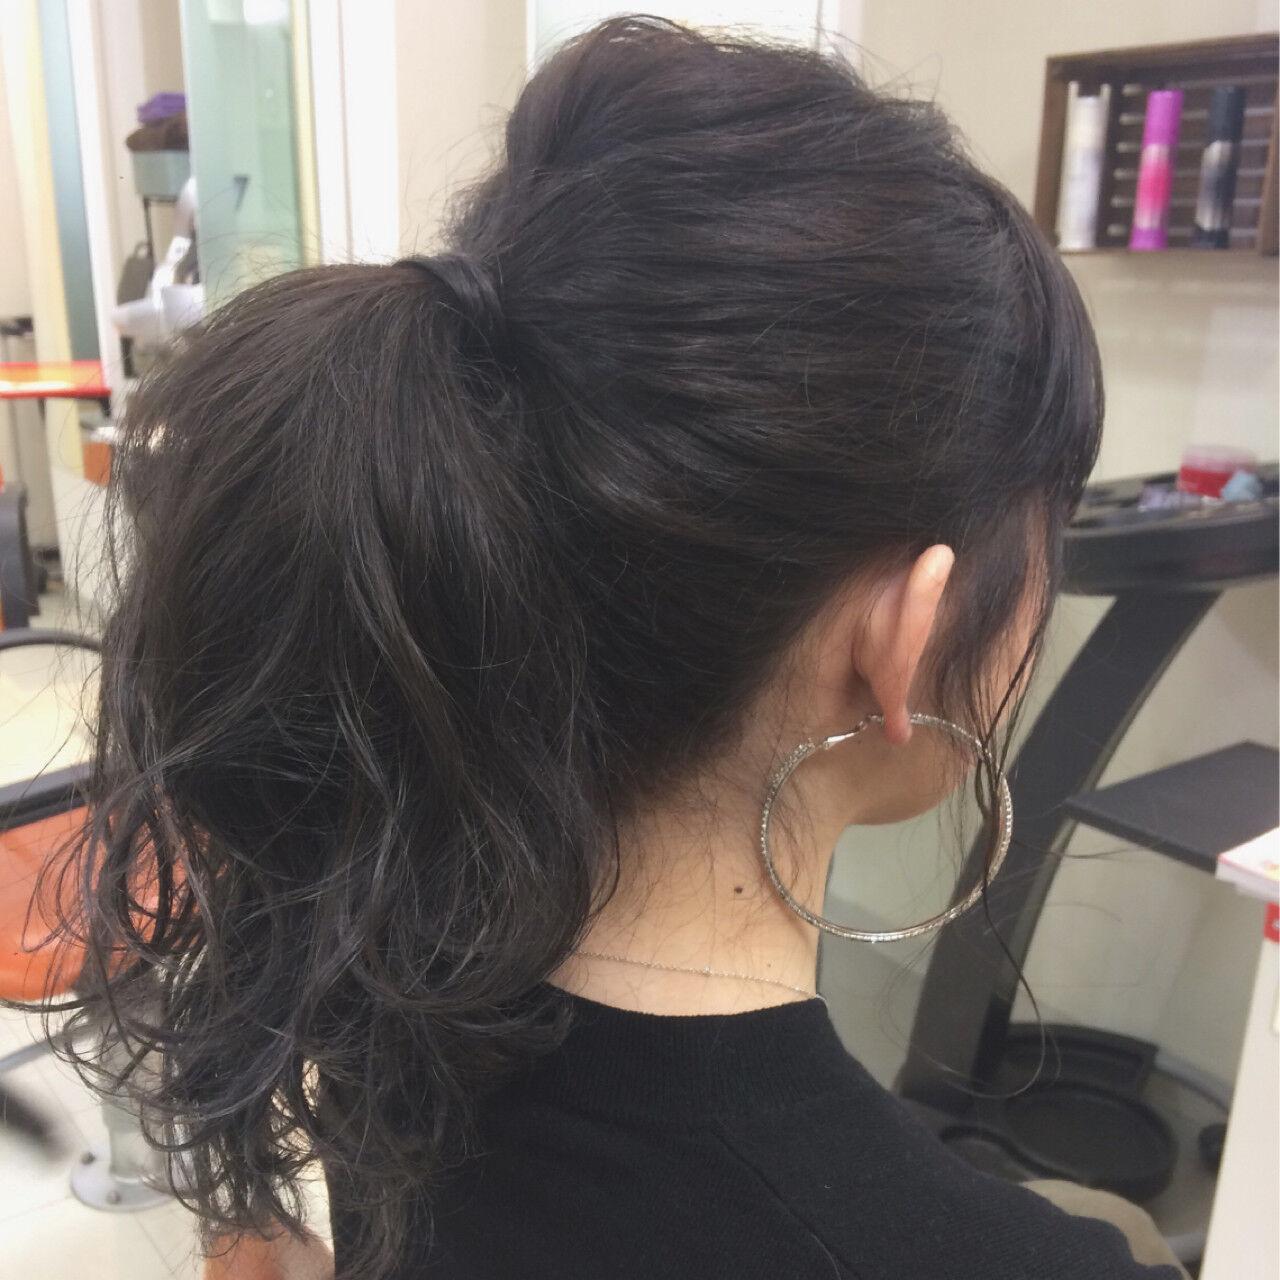 黒髪 簡単ヘアアレンジ セミロング モードヘアスタイルや髪型の写真・画像